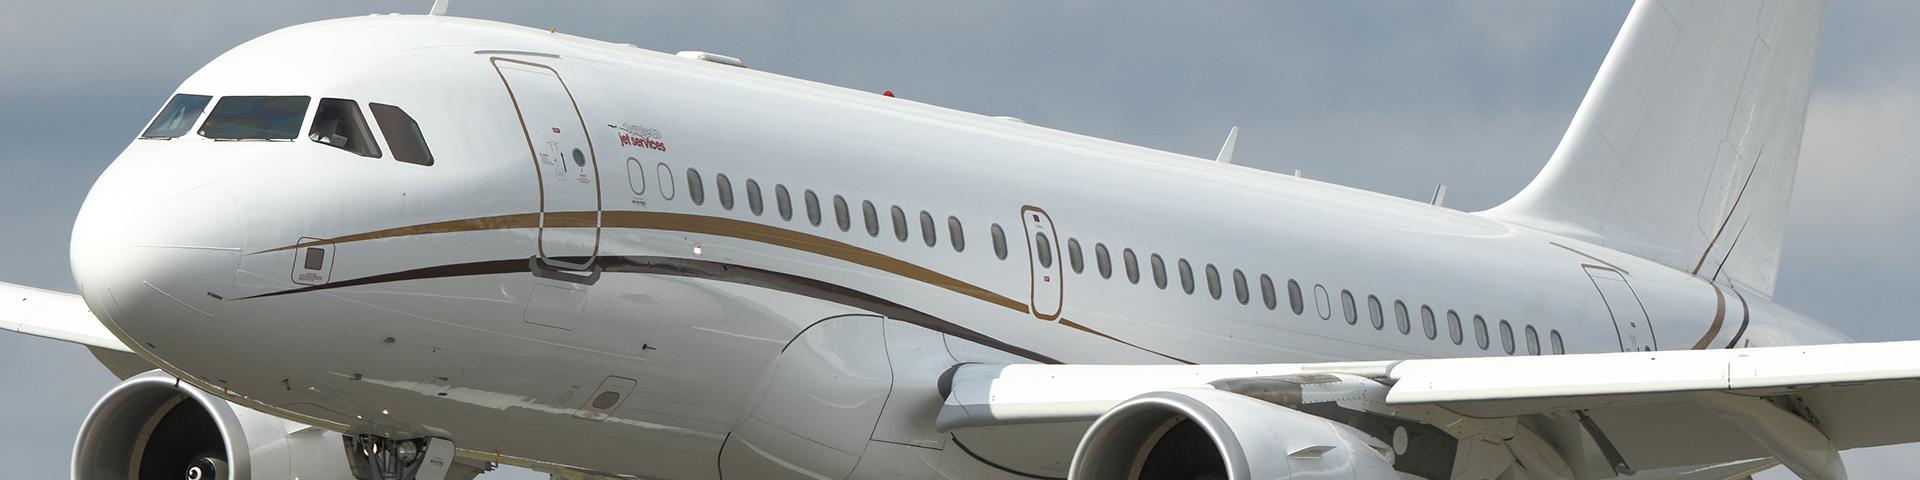 Airbus ACJ3191 - Airbus 319 Corporate Jet